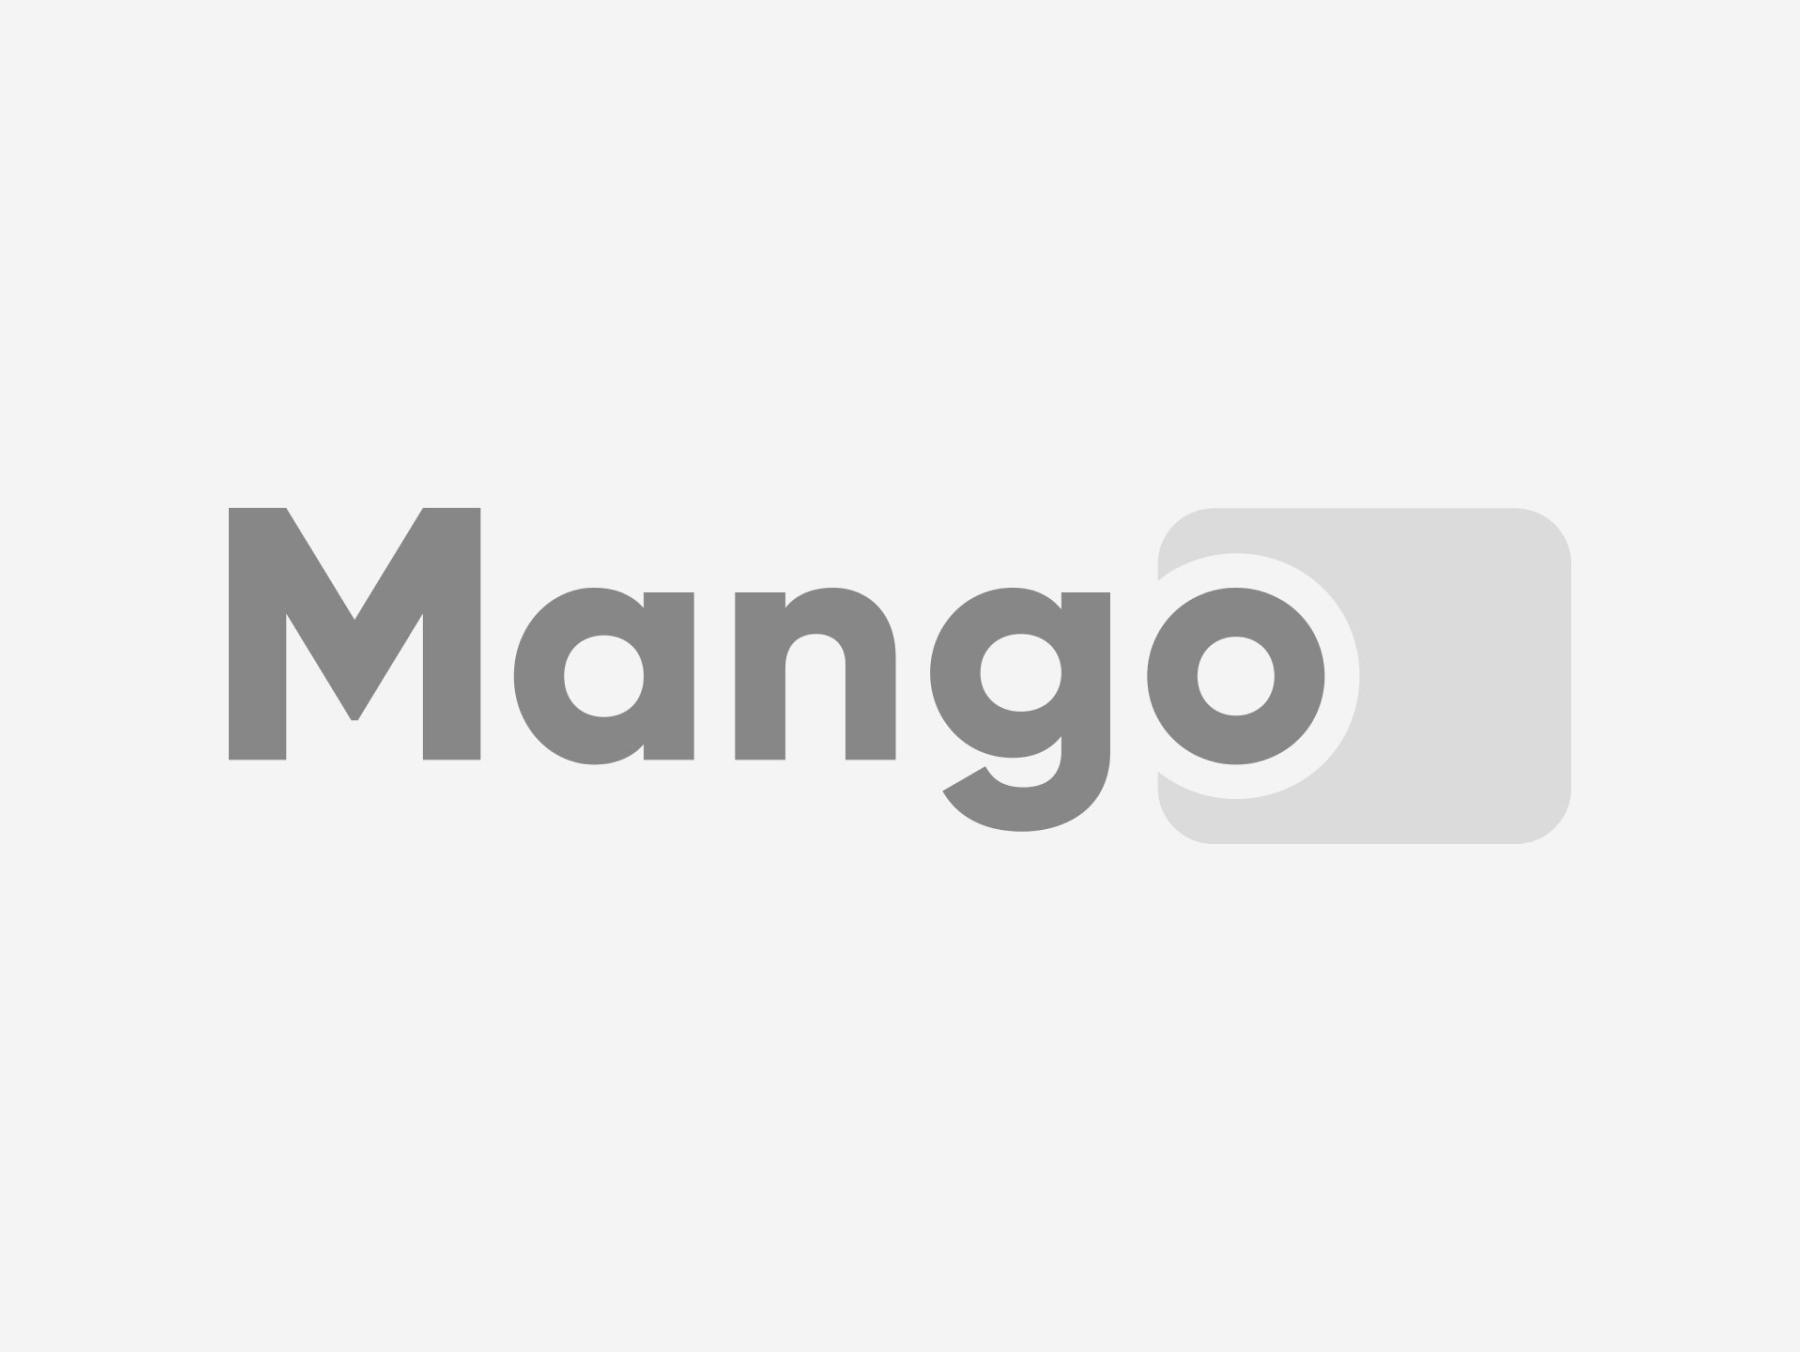 Garnitura Silicon Oranj Delimano Smart Cook Vision